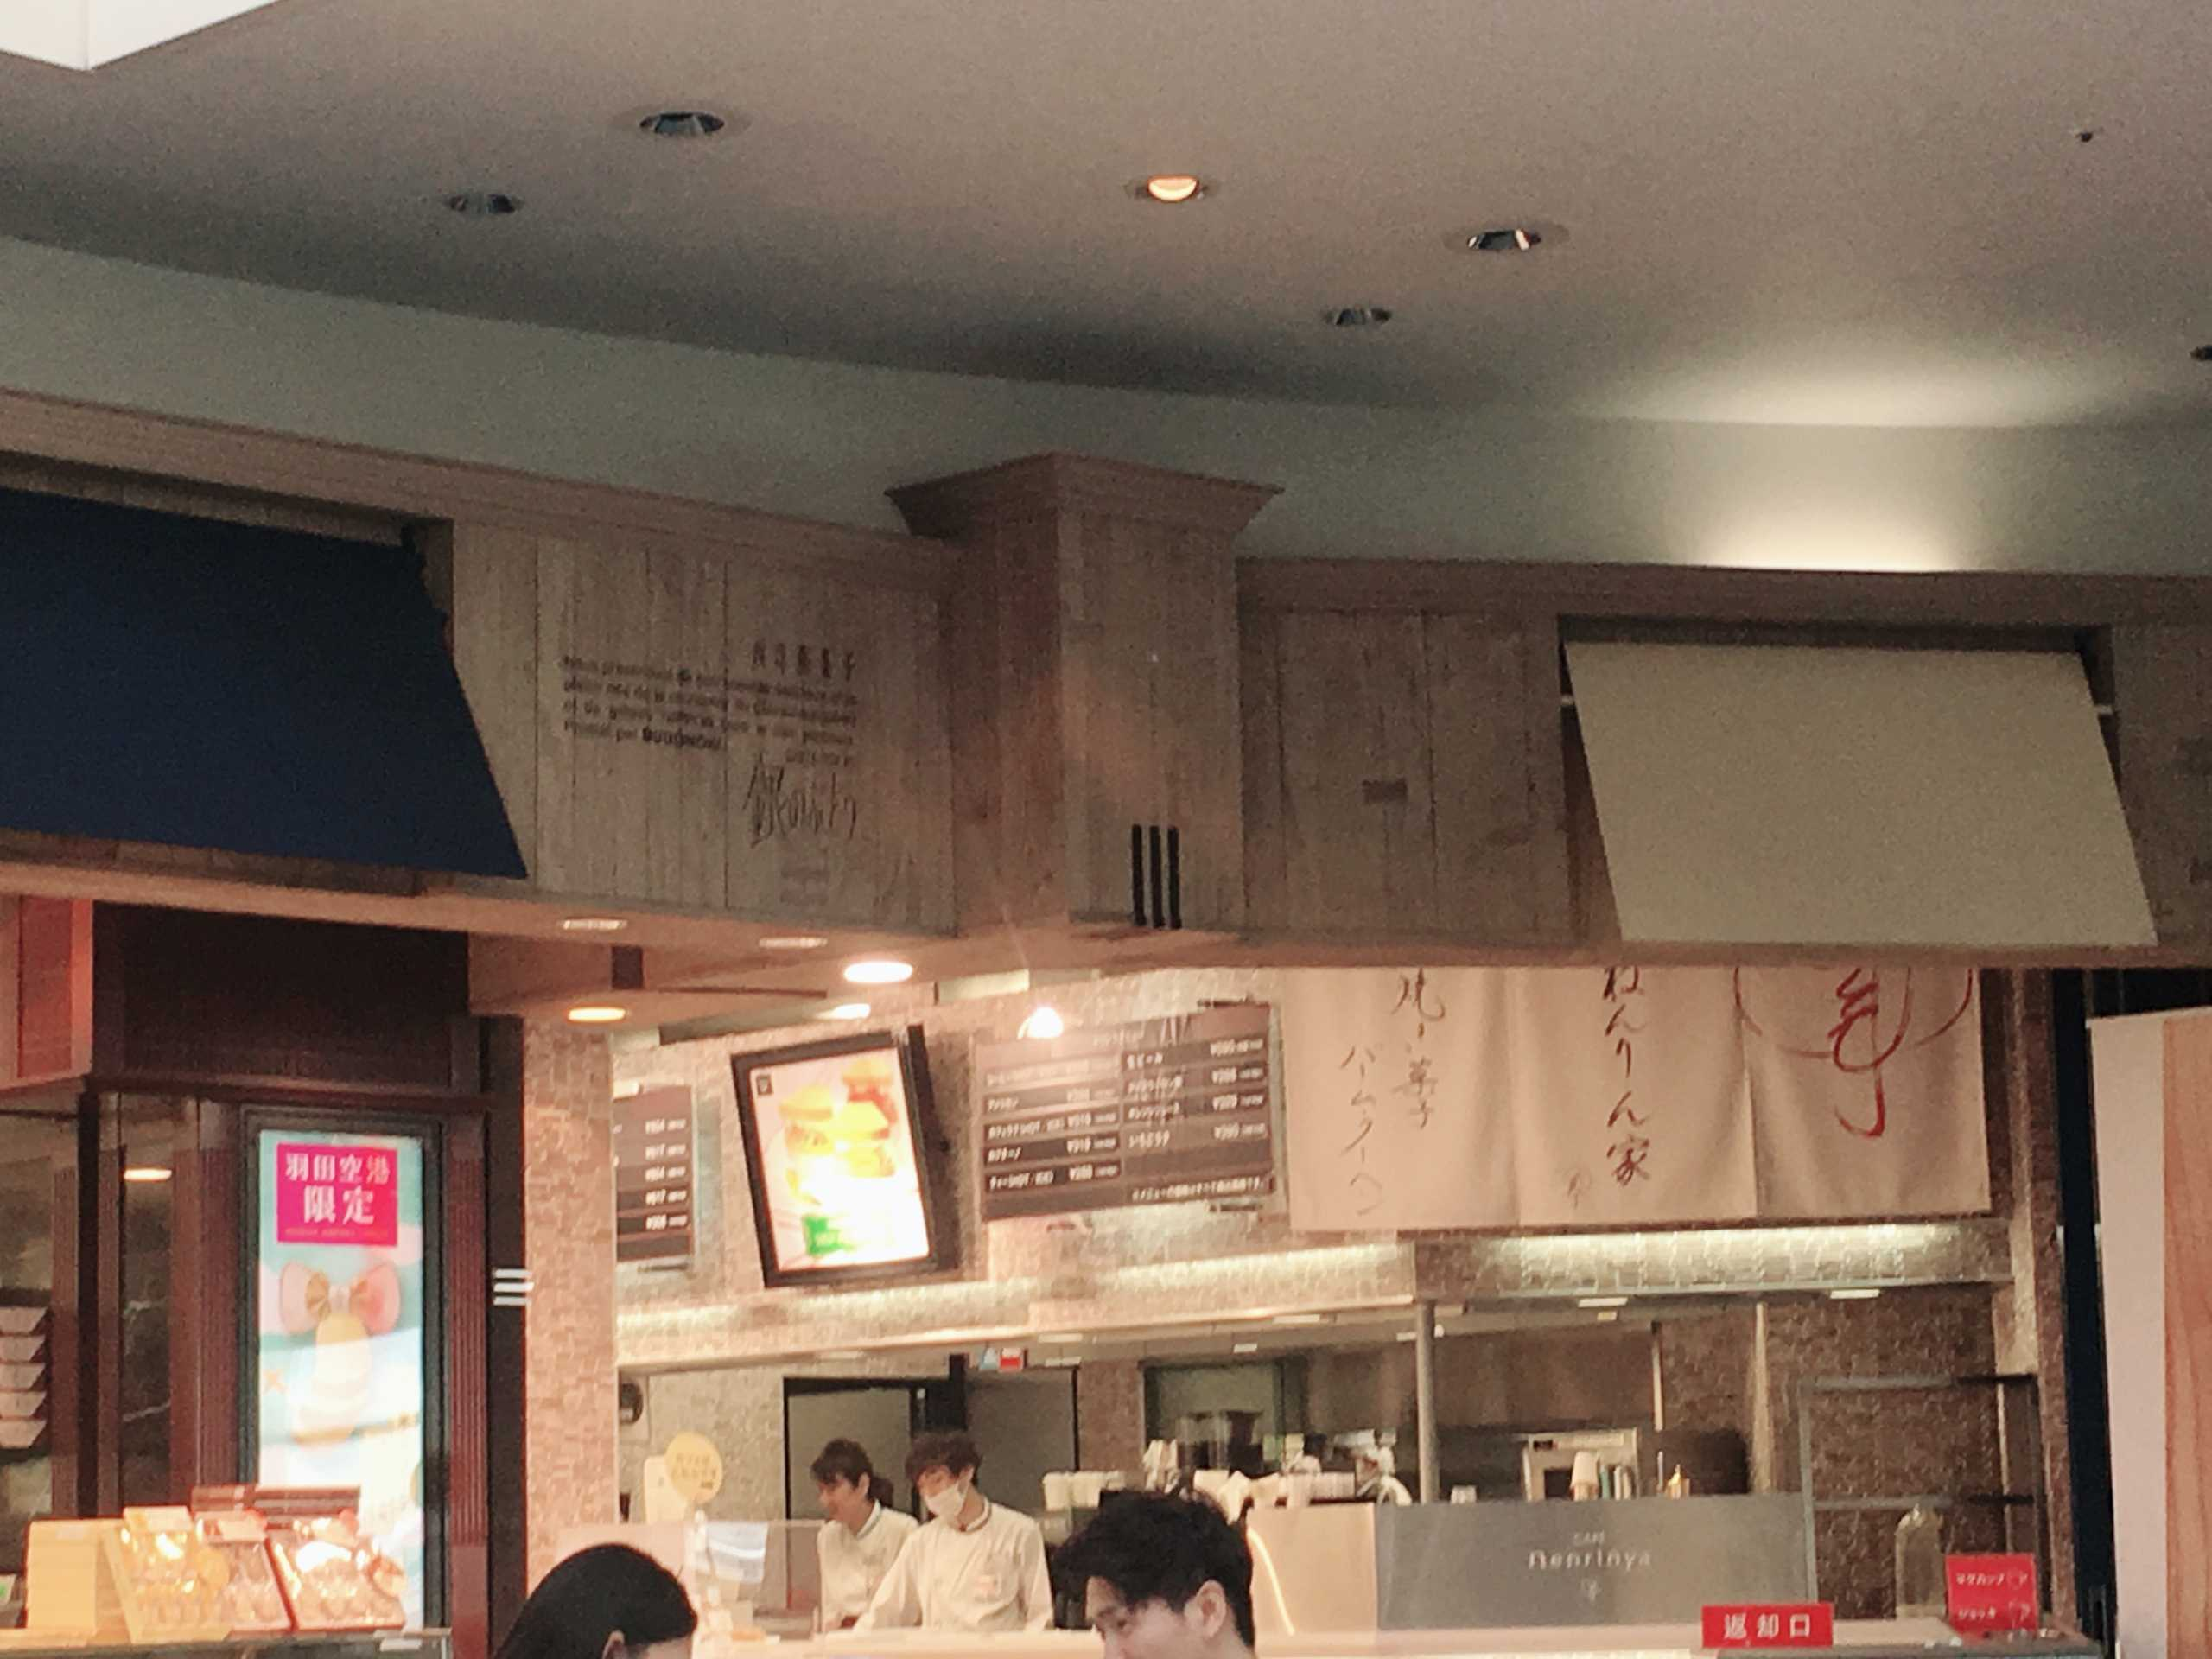 【羽田空港✈️】保安検査後にもオシャカフェないの!?と思ったら_1_1